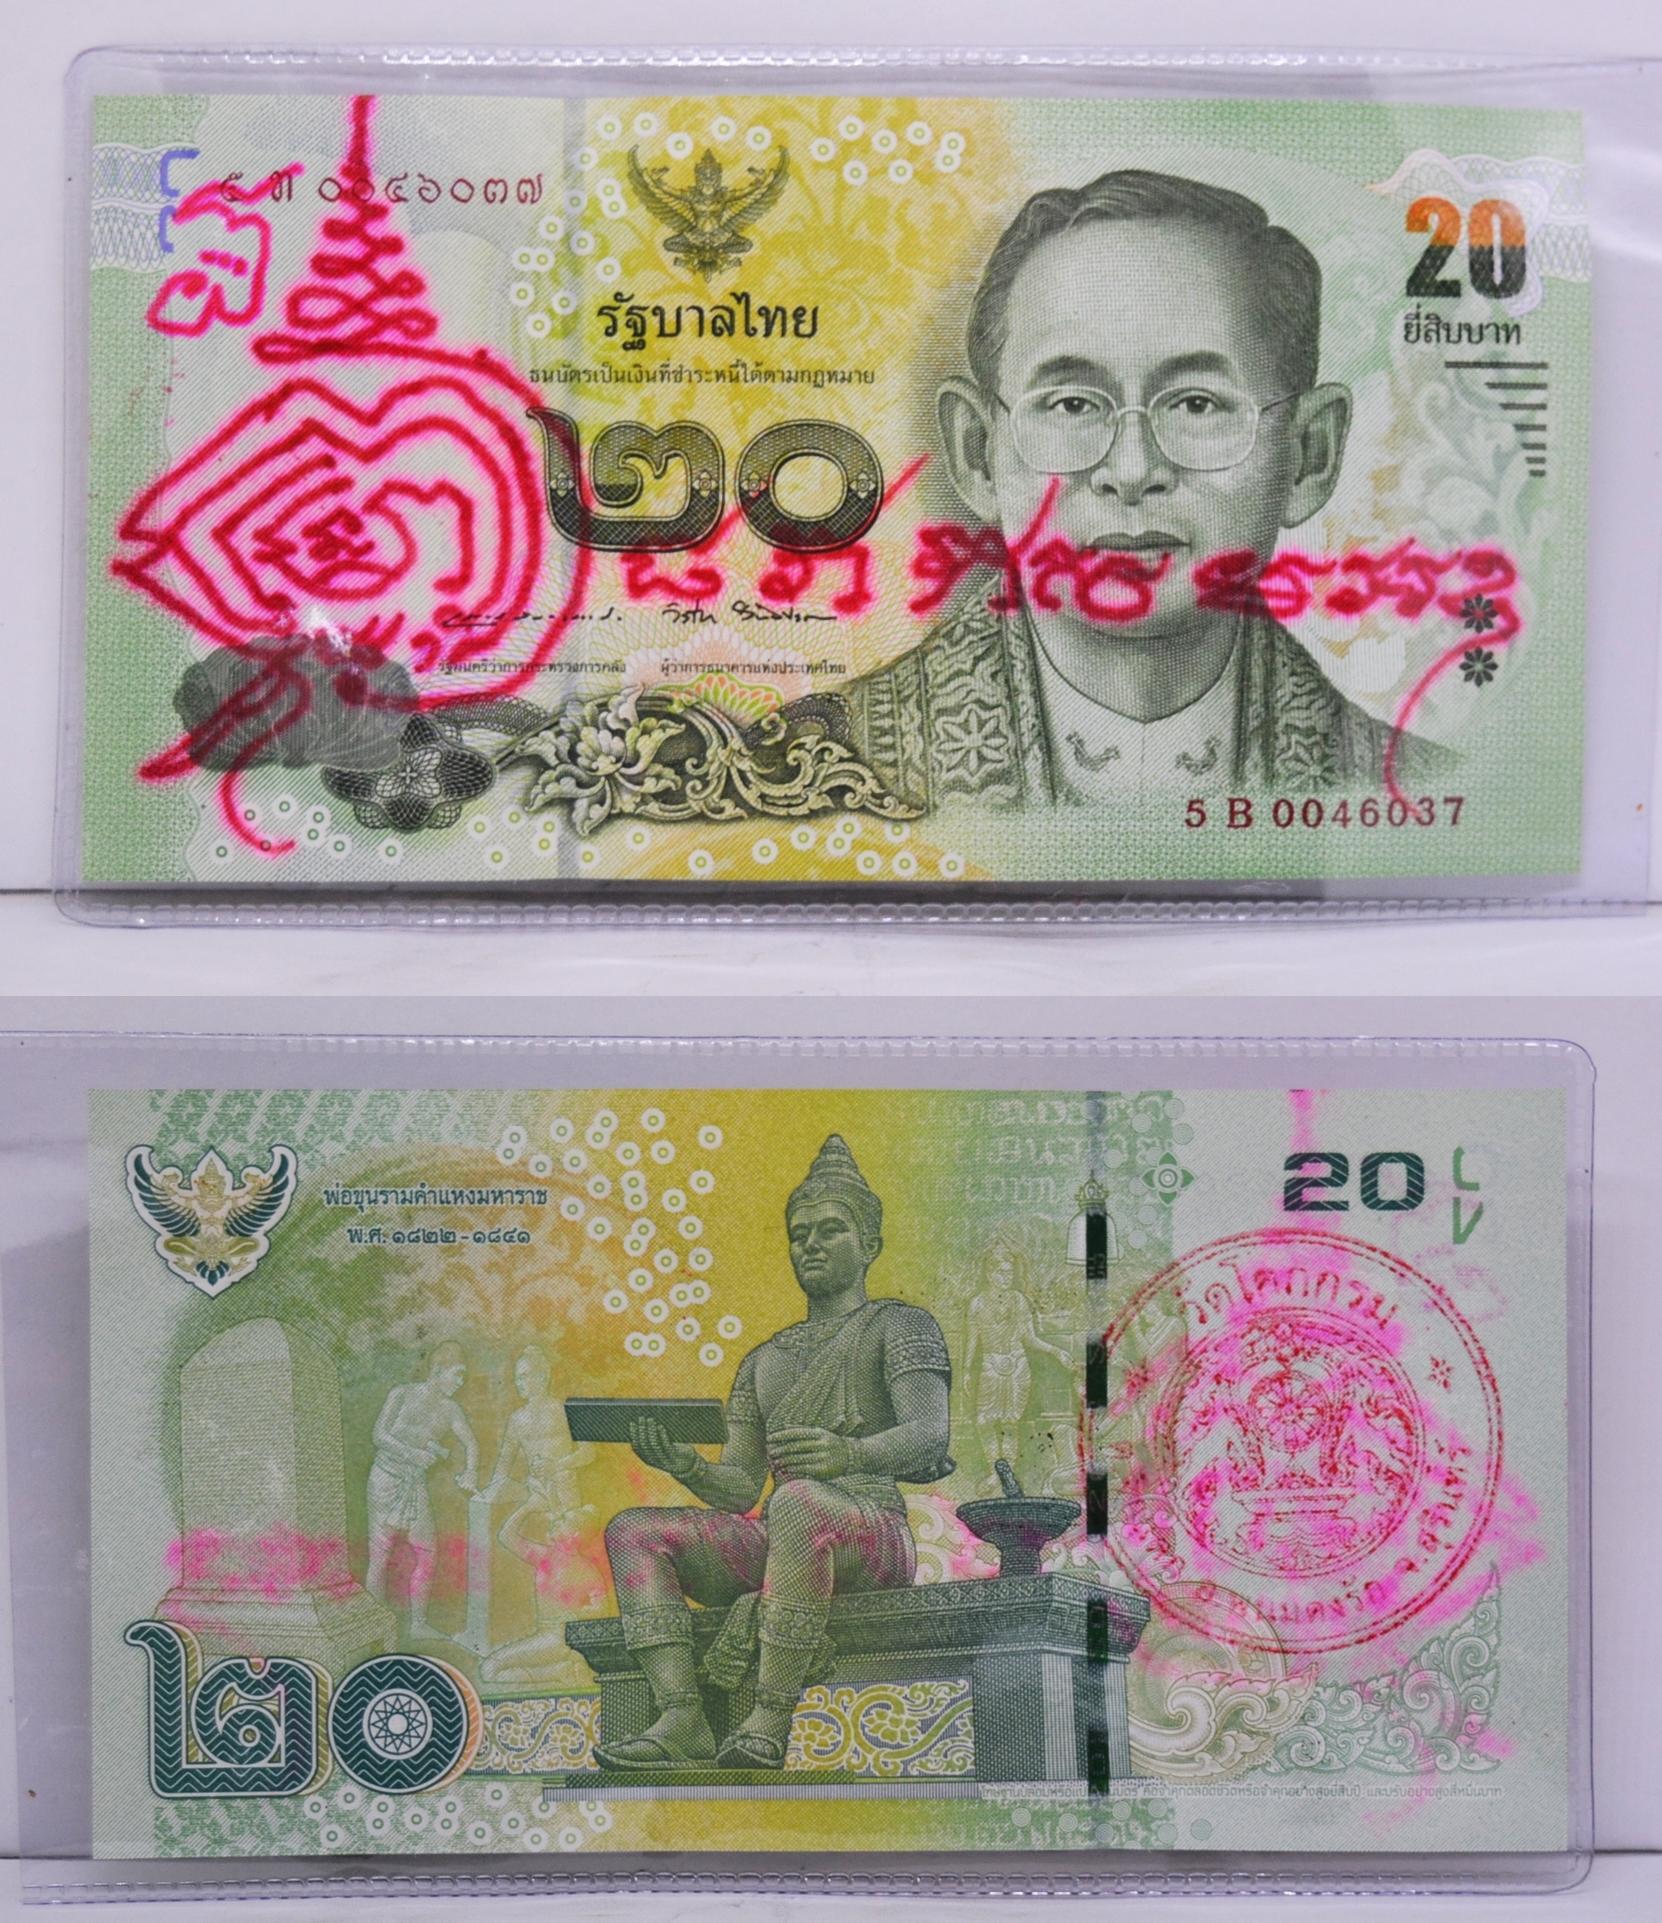 ธนบัตรขวัญถุง รุ่นเศรษฐี ๑๐๐๐๐ ล้าน หลวงปู่รอด วัดโคกกรม 2564